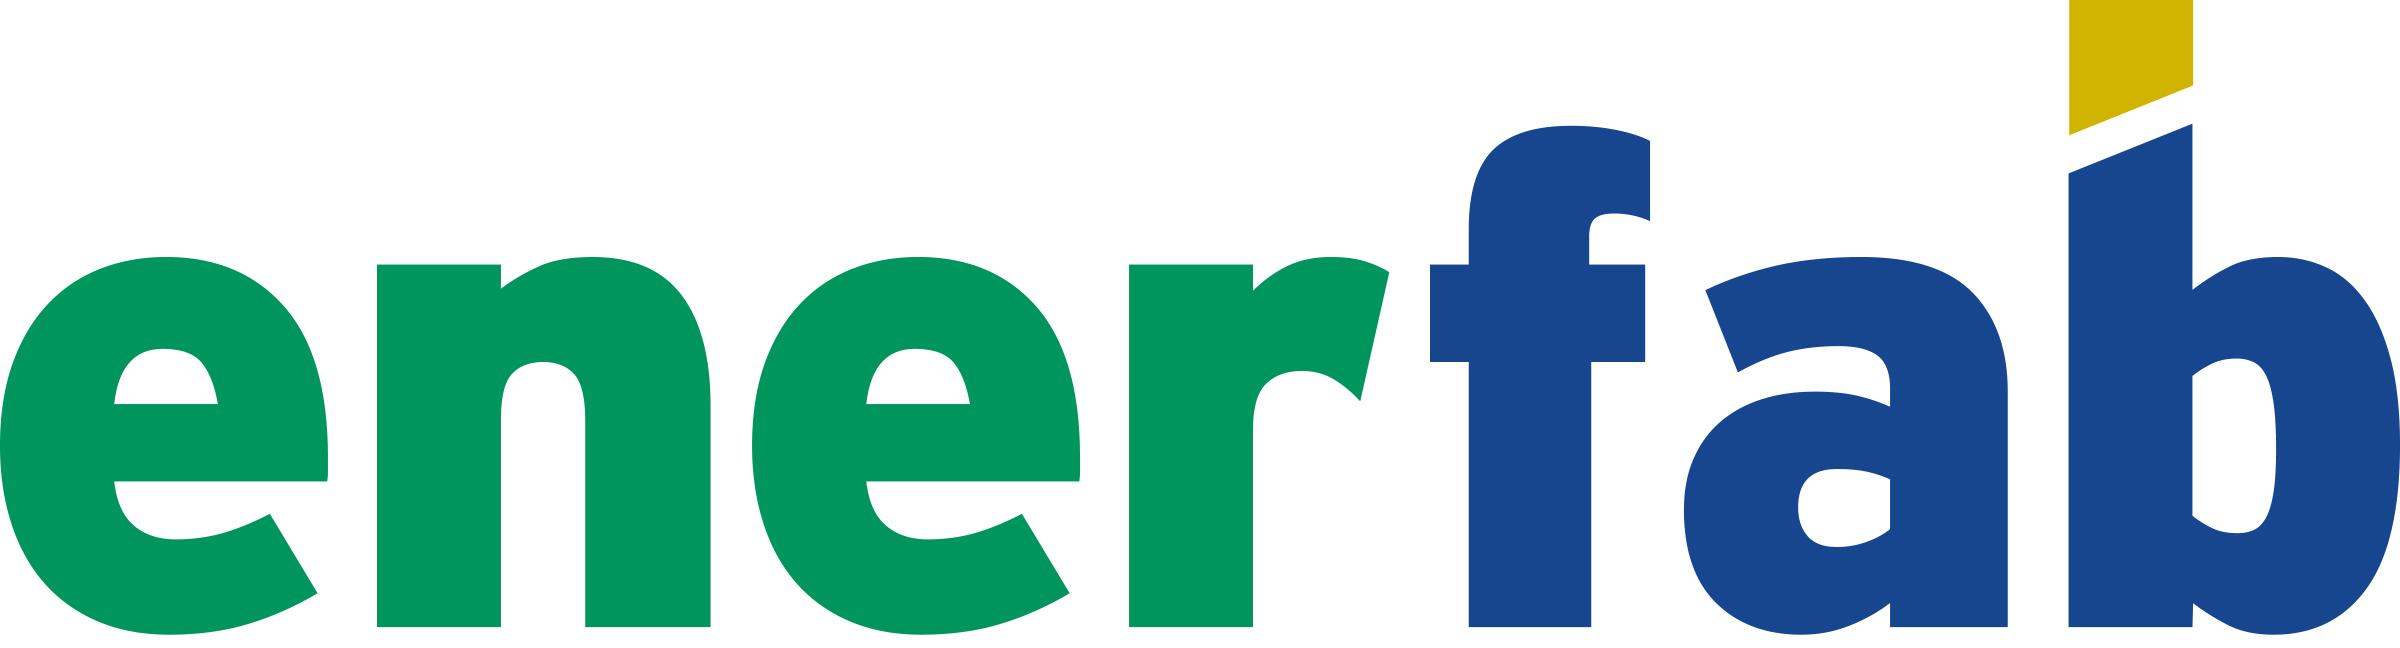 Ohio Company Logo